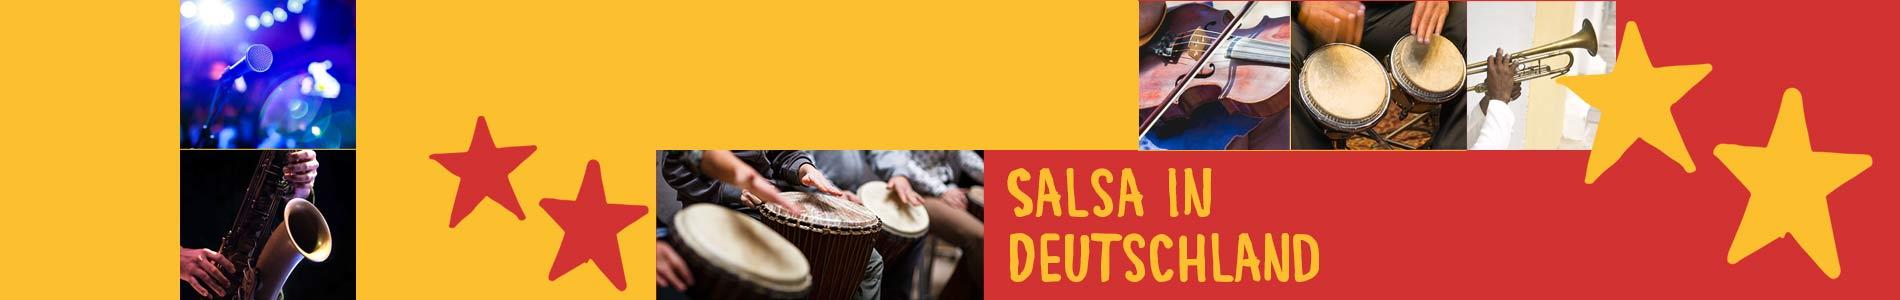 Salsa in Deutzen – Salsa lernen und tanzen, Tanzkurse, Partys, Veranstaltungen